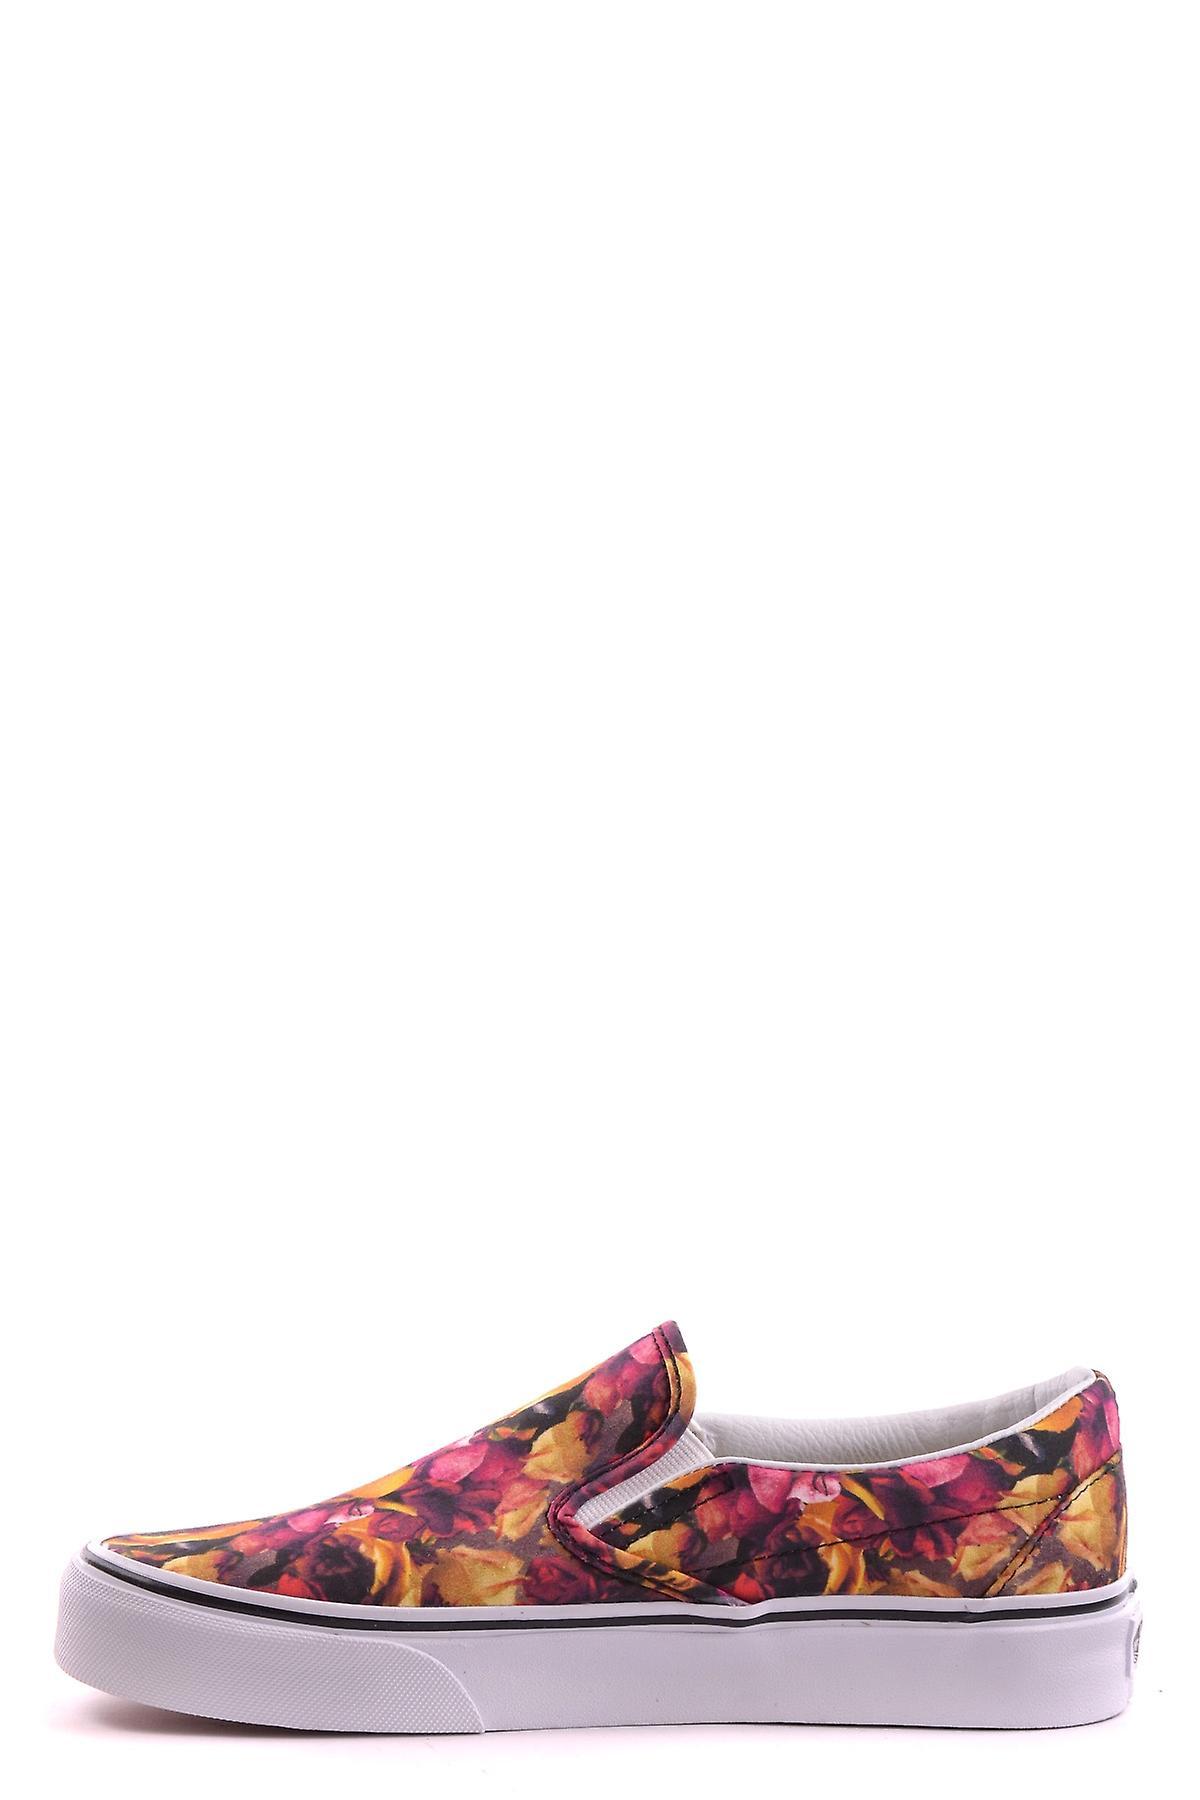 Vans Ezbc071014 Femmes-apos;s Tissu multicolore Slip On Sneakers oUfGwC